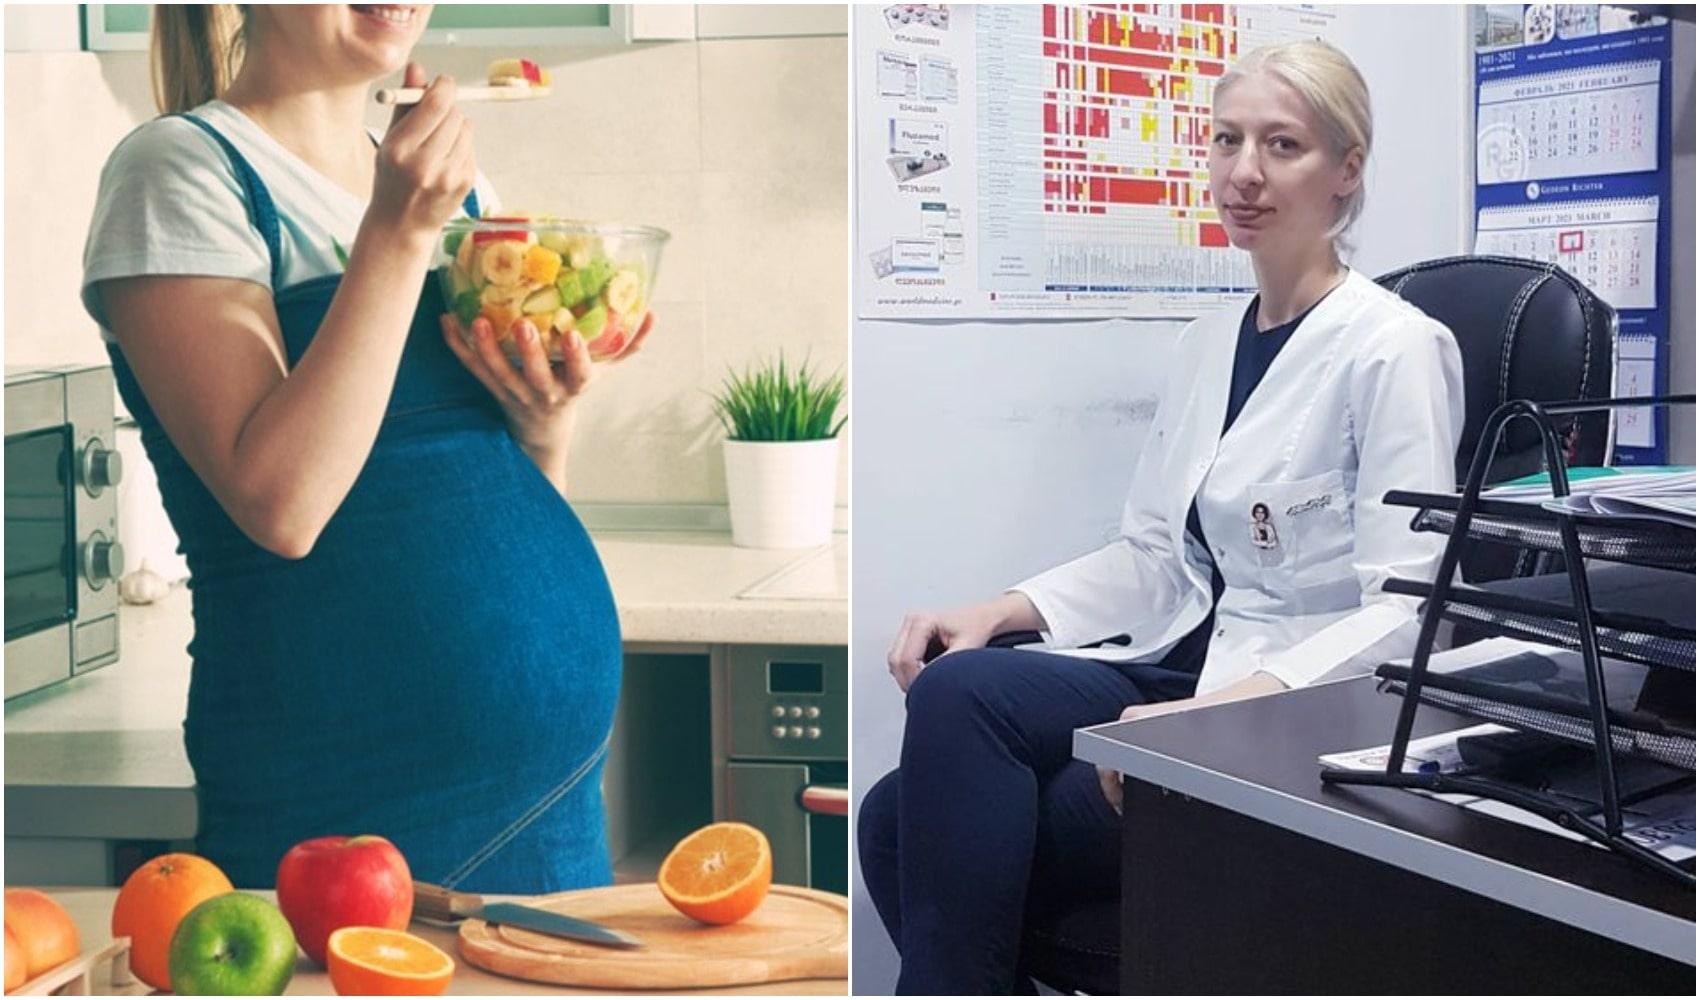 როგორ უნდა იკვებოს ორსულმა? - მეან-გინეკოლოგის რეკომენდაციები